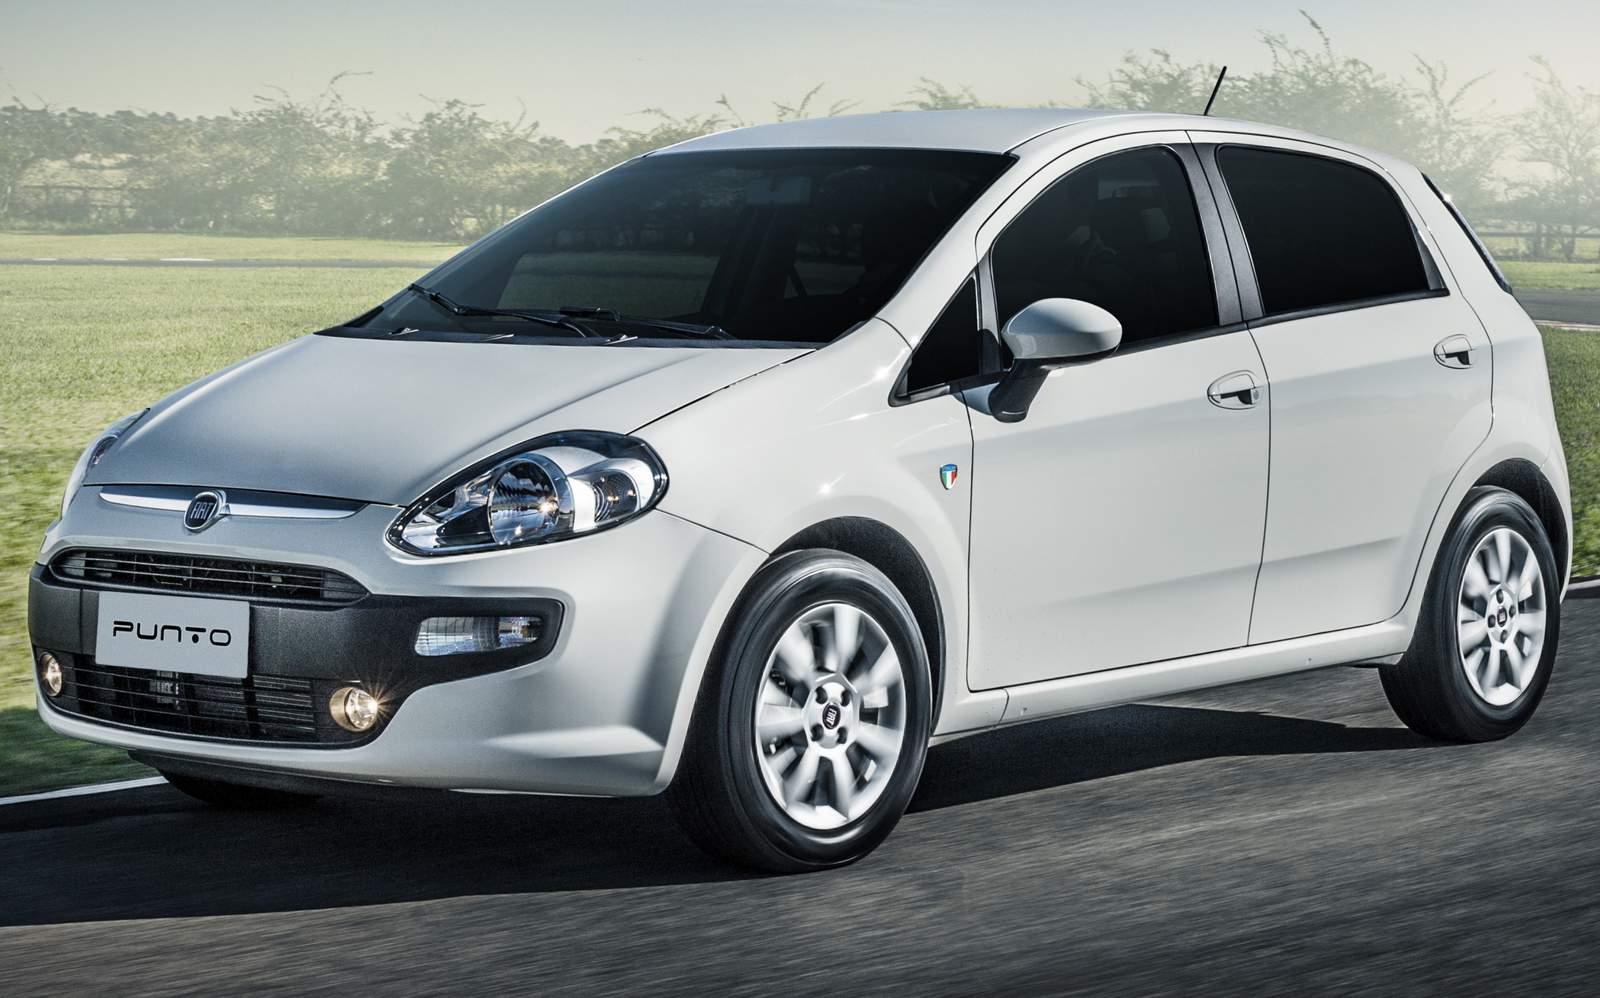 Fiat Punto 2017 - recall